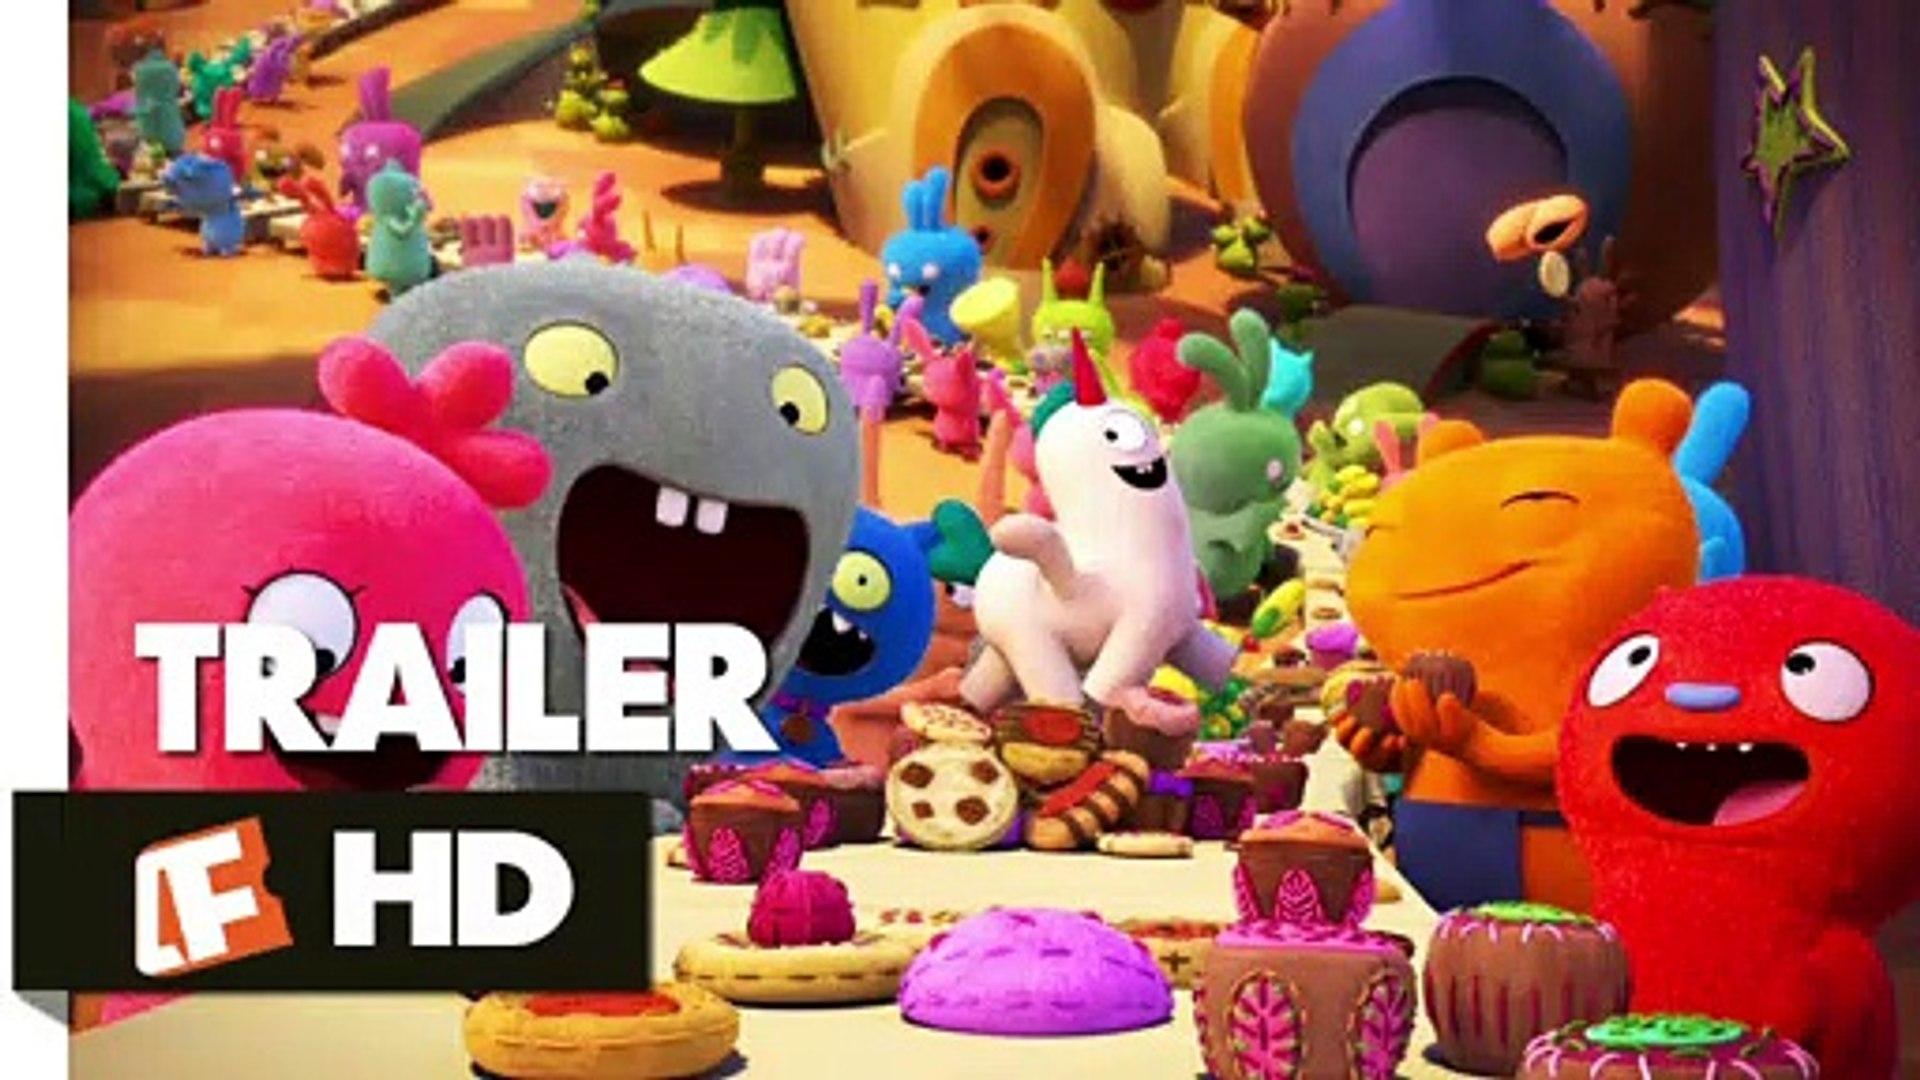 UglyDolls Trailer (2019) | ClipFlixs Trailers